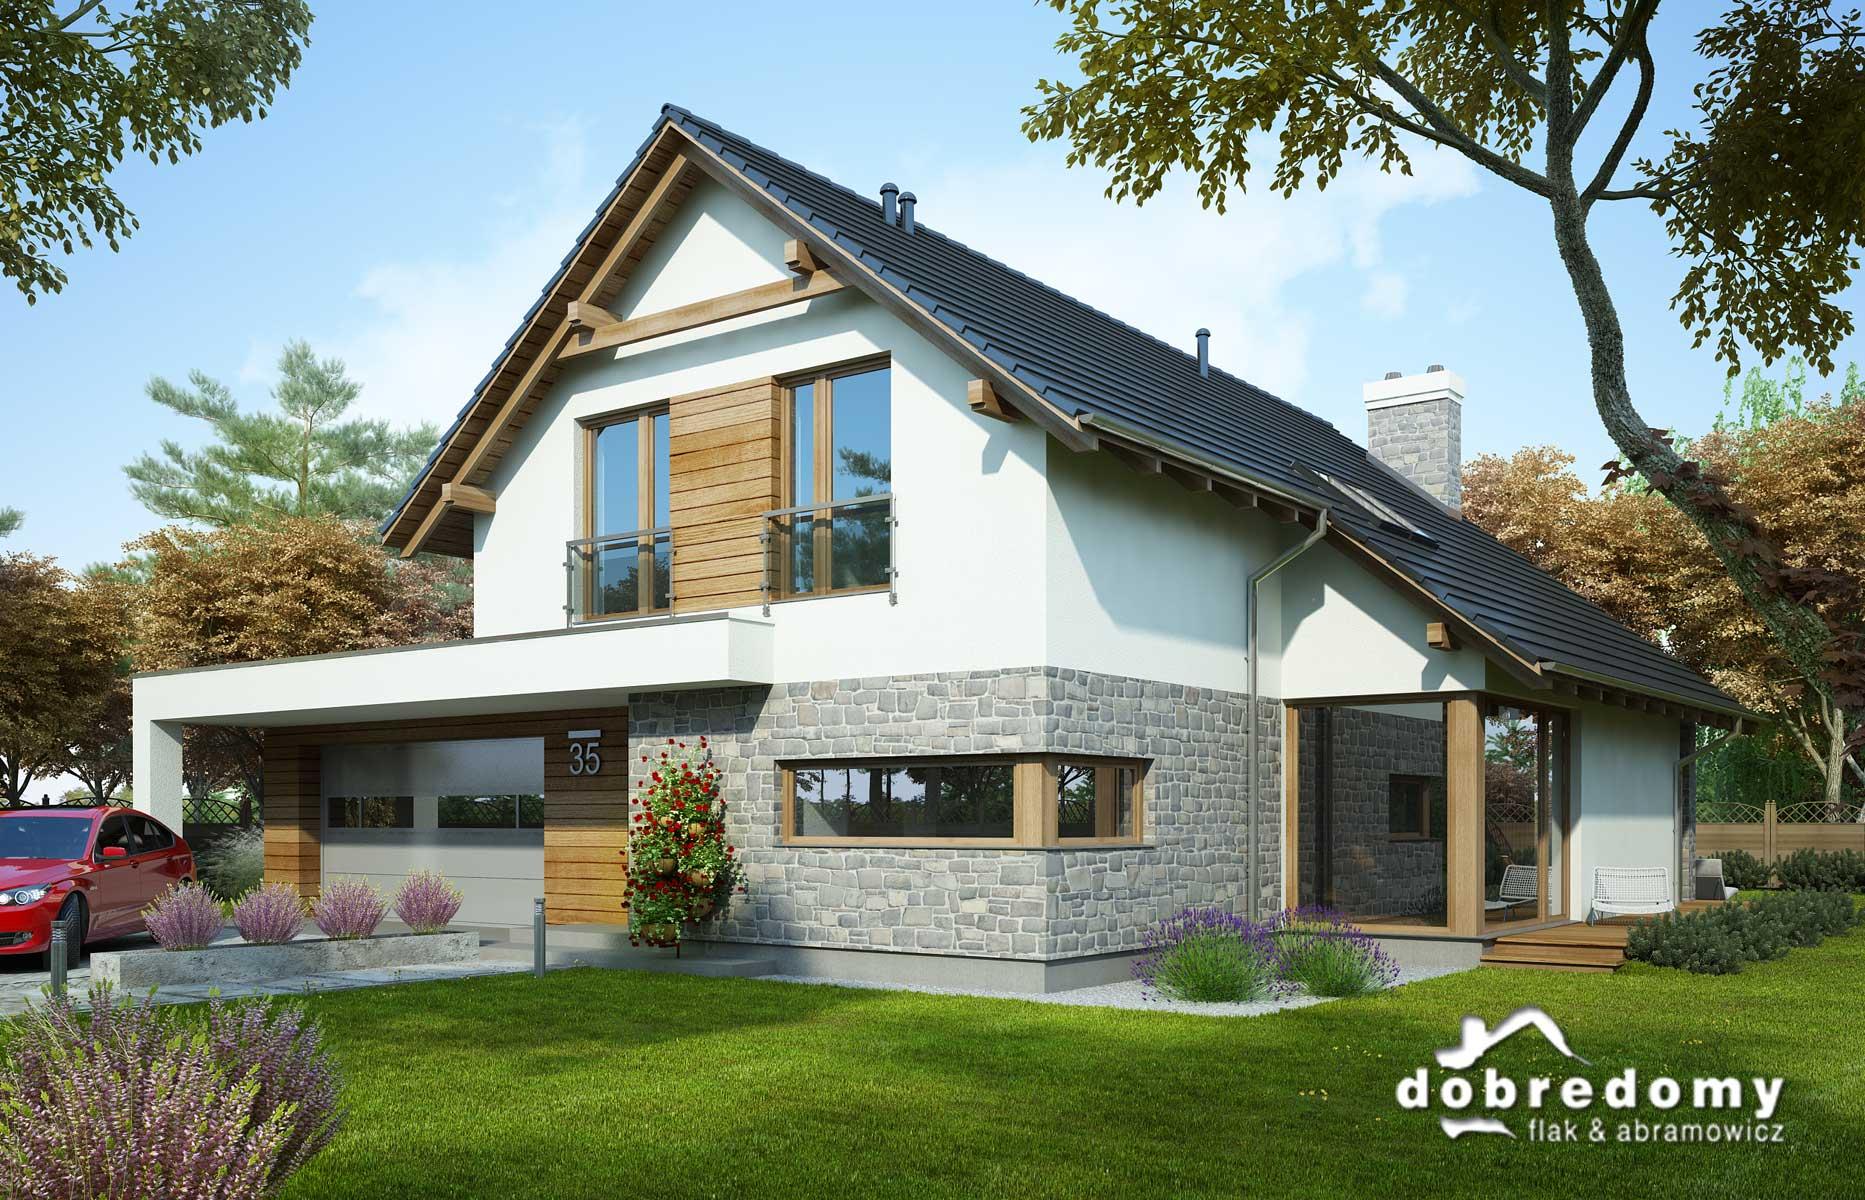 Prawo budowlane 2015 – pięć najważniejszych zmian